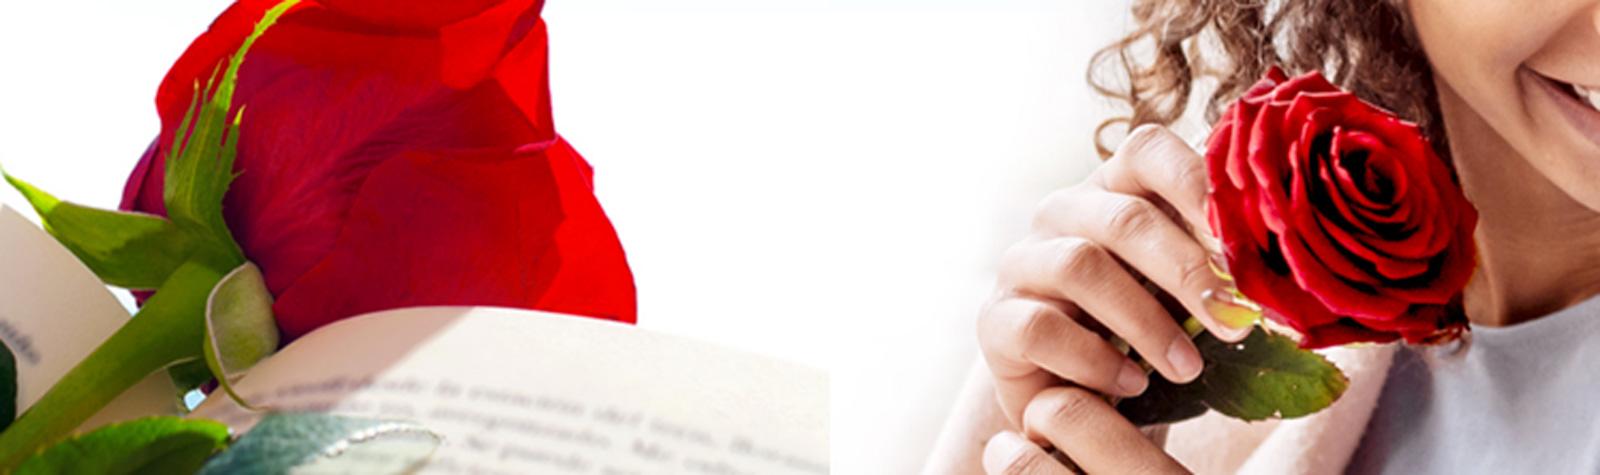 ¿Por qué una rosa y un libro?